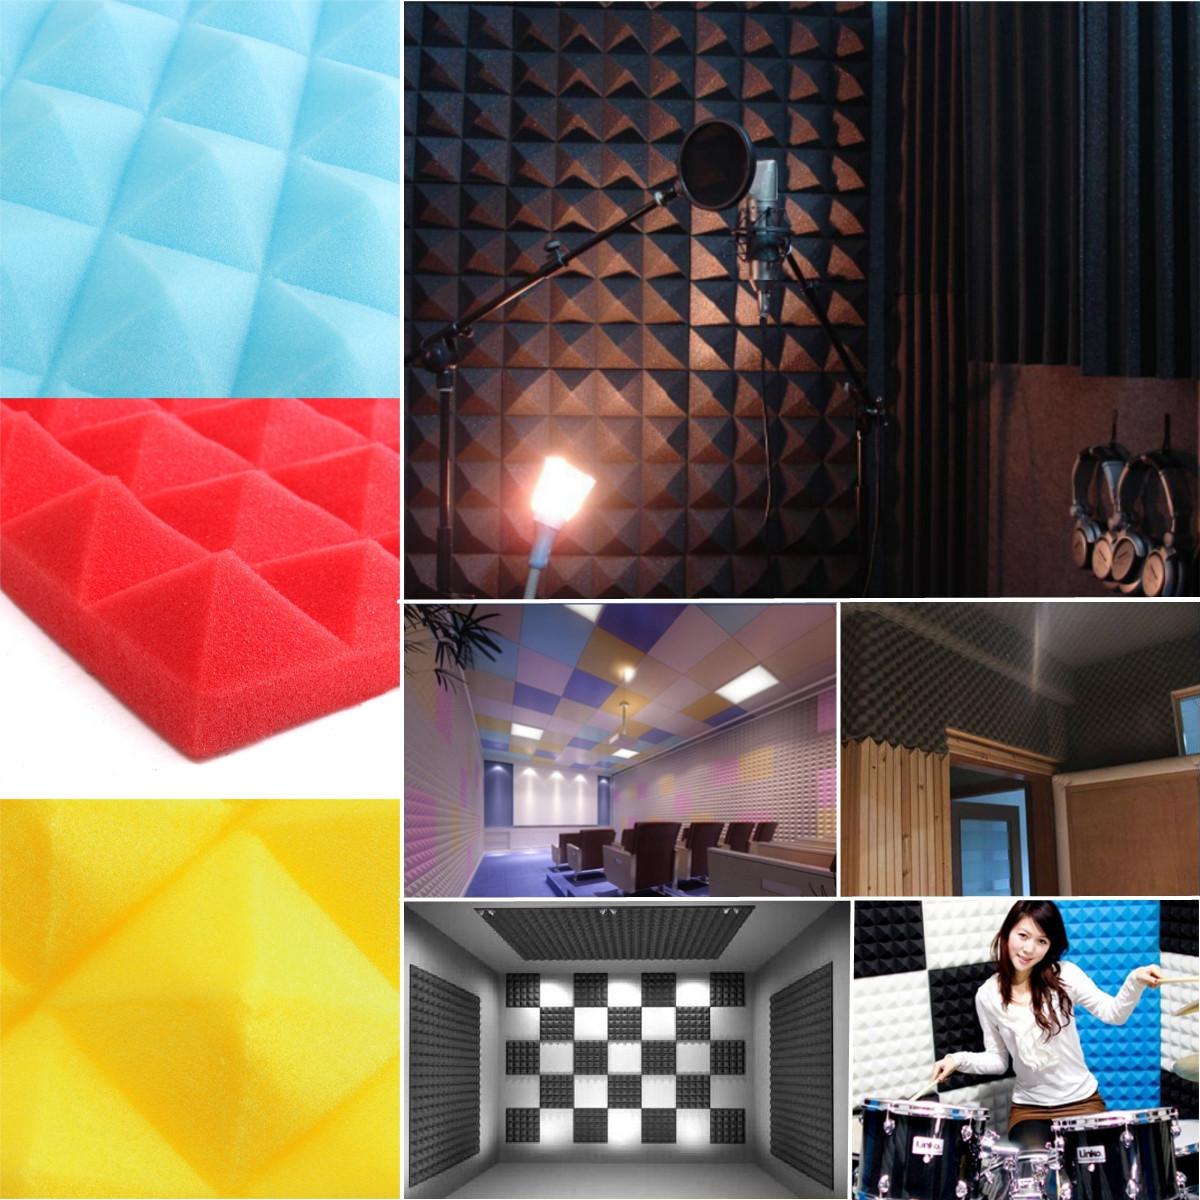 1 Buah Busa Kedap Suara Akustik Studio Rekaman Suara Menghentikan Penyerapan Pyramid Busa Hitam Intl Promo Beli 1 Gratis 1